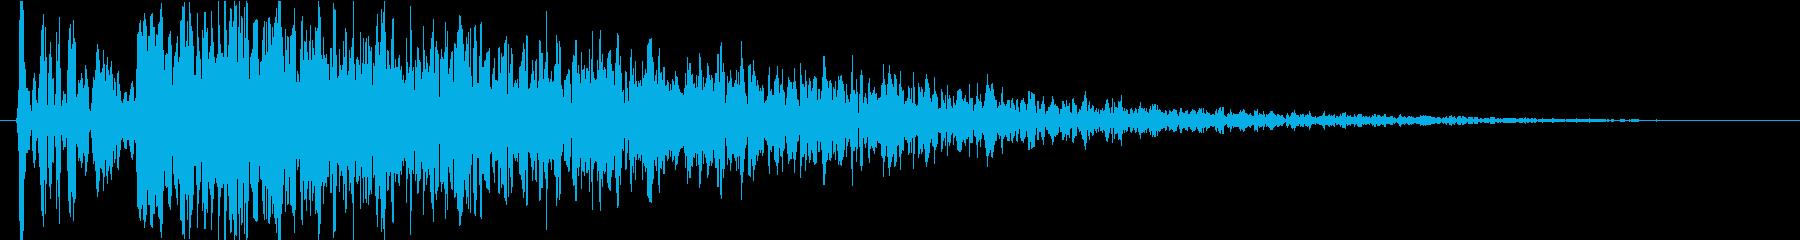 衝撃 エアストライク21の再生済みの波形